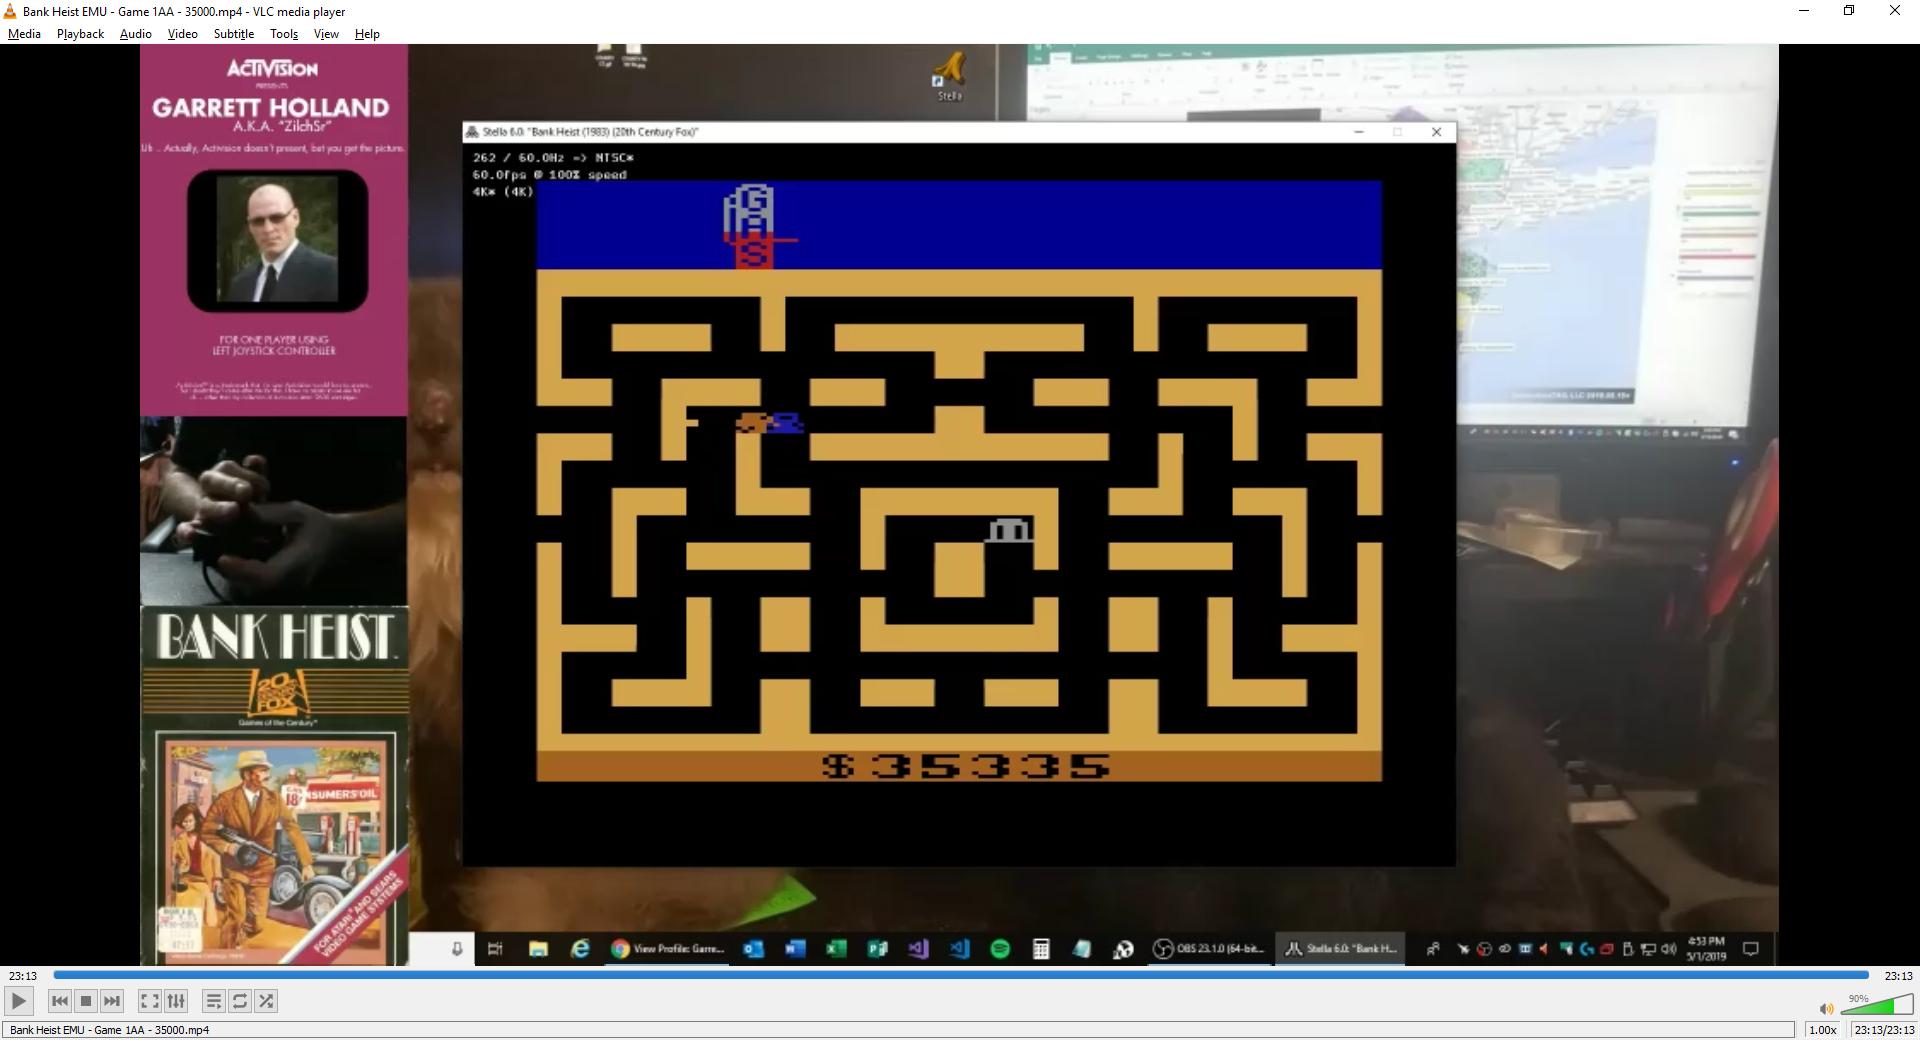 ZilchSr: Bank Heist (Atari 2600 Emulated Expert/A Mode) 35,335 points on 2019-05-01 16:58:05